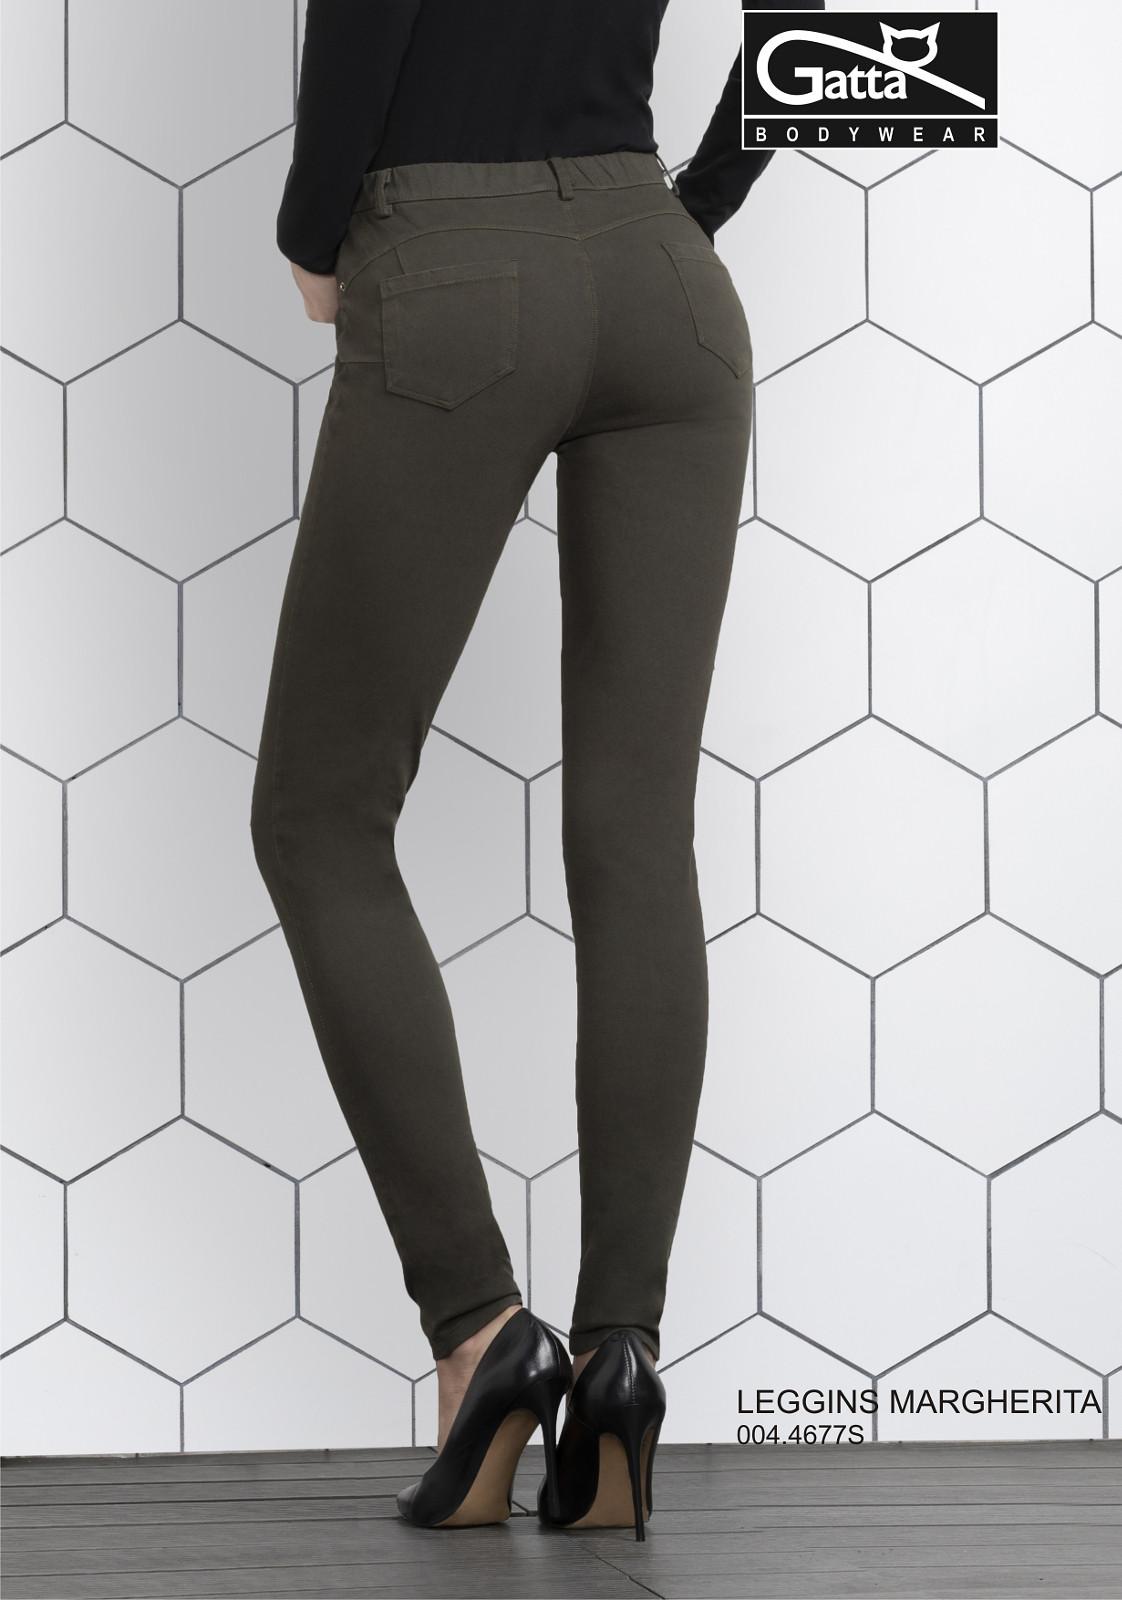 Dámské kalhoty Gatta 44677S Margherita graphite odstín šedé XL cfef5705df